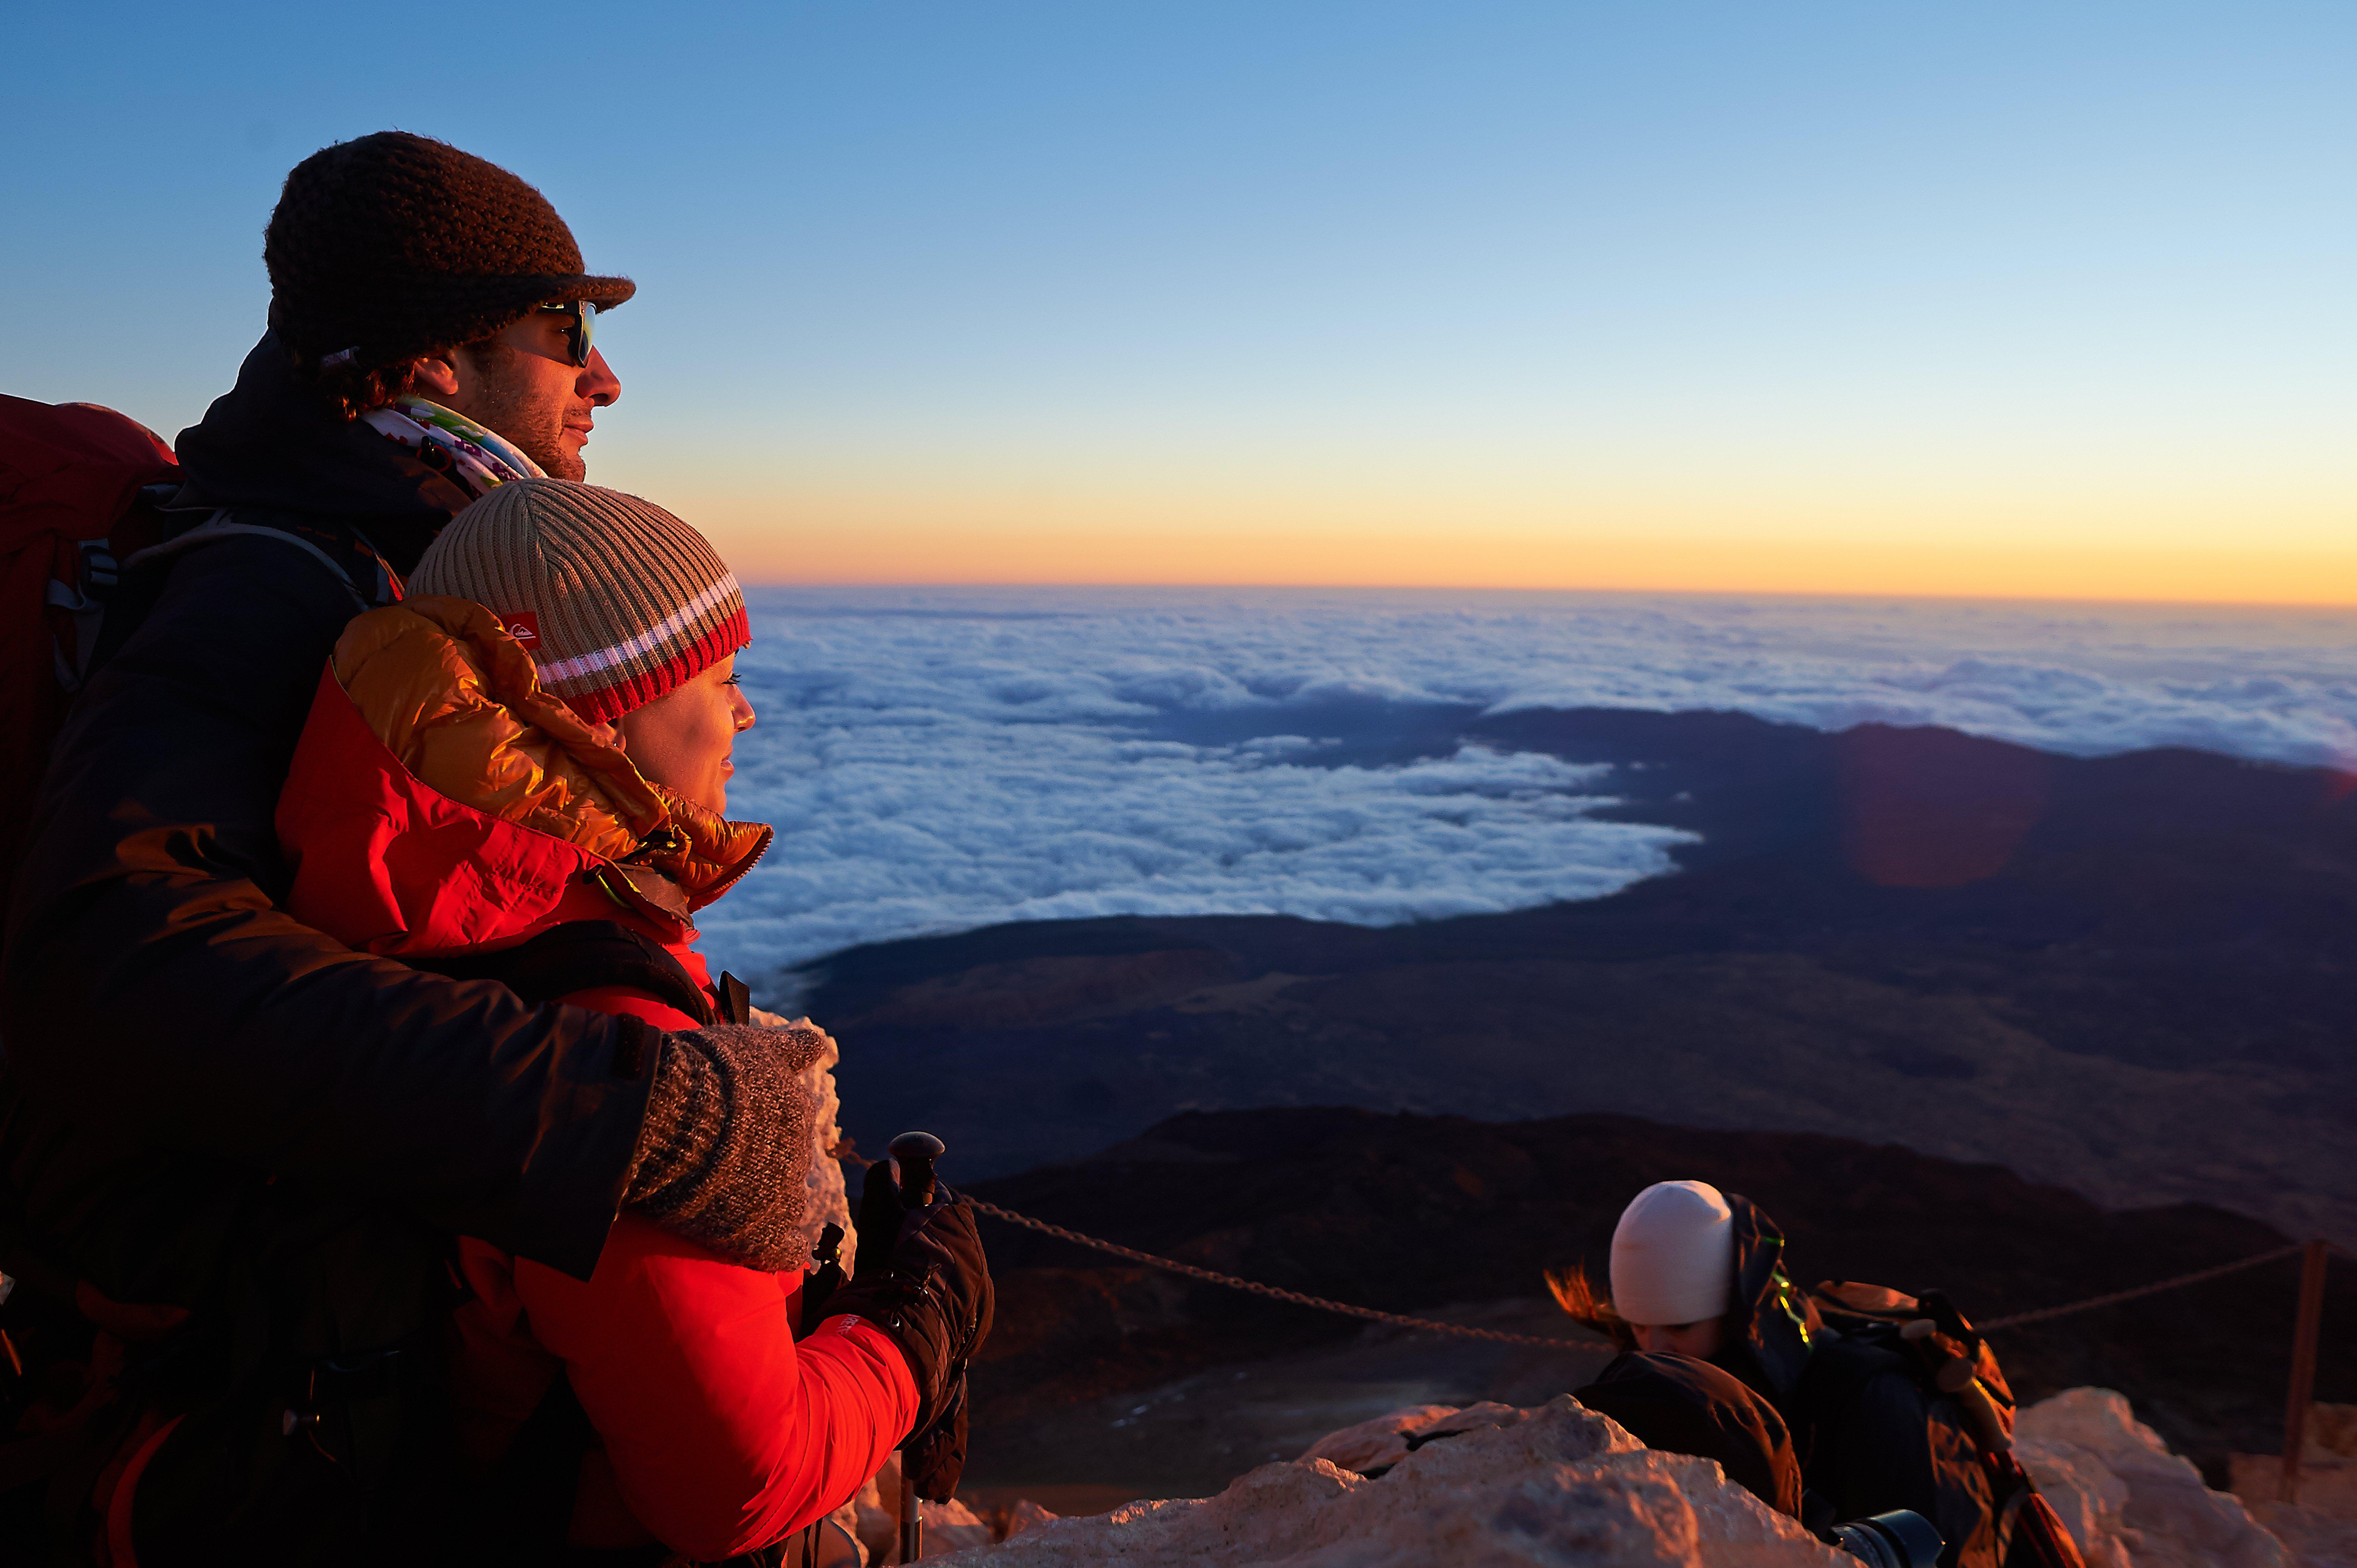 Gipfelbesteigung des Teide zu Fuß